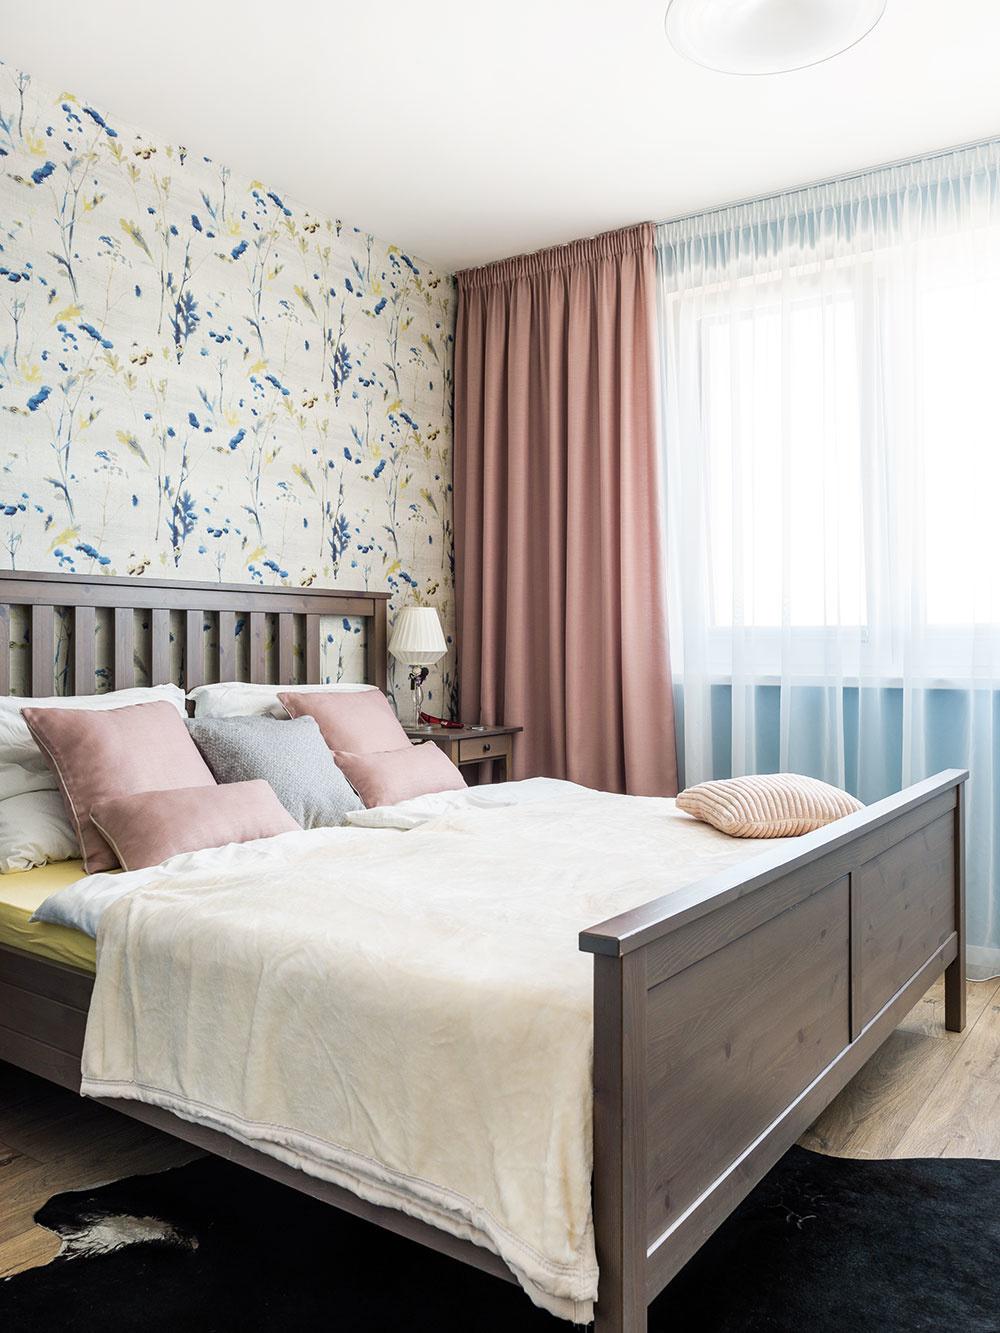 Farebné ladenie je pre príjemný dojem z interiéru kľúčové. Posteľ z Ikey a tapeta – svadobný dar – tvoria sympatickú kombináciu, ktorá mladú rodinu nezruinuje.